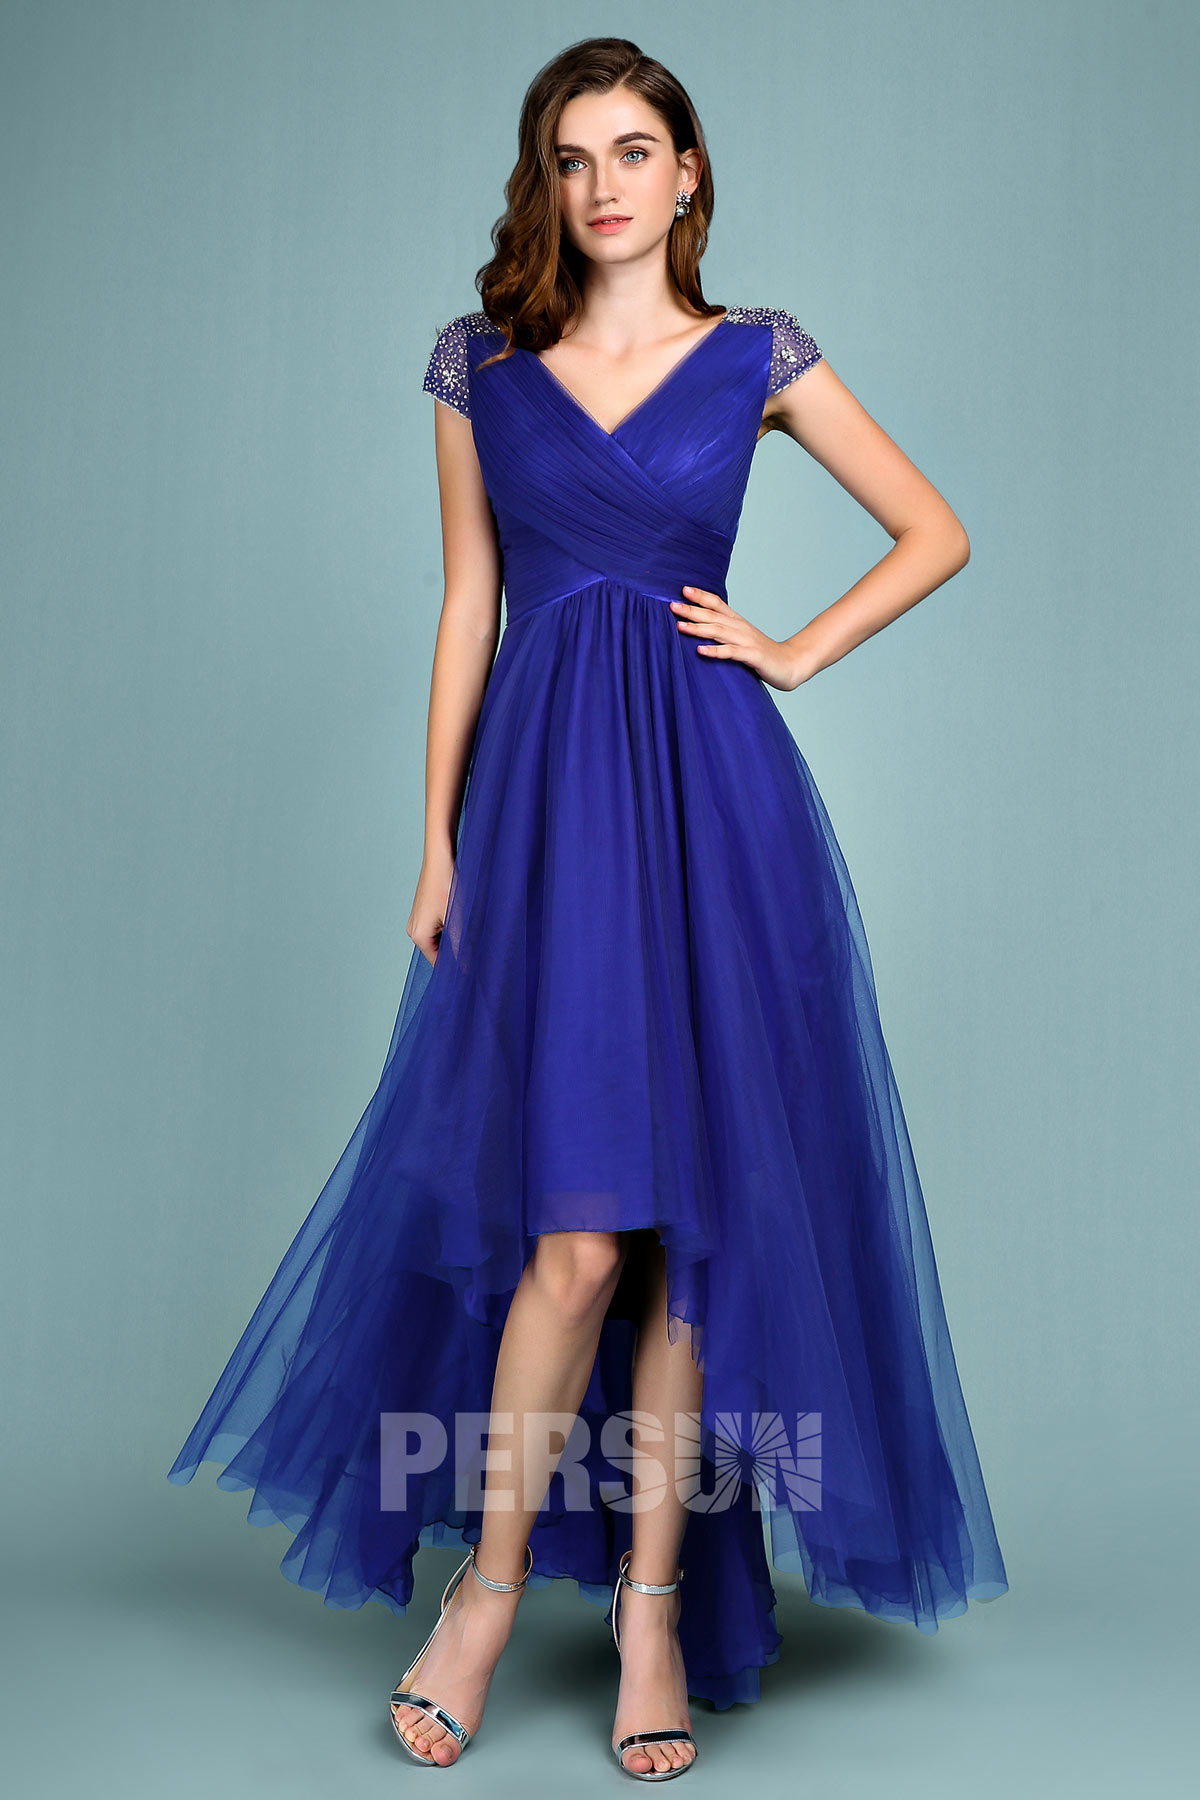 f0f7924b836 Robe de soirée bleu roi courte devant longue derrière à mancheron orné de  strass